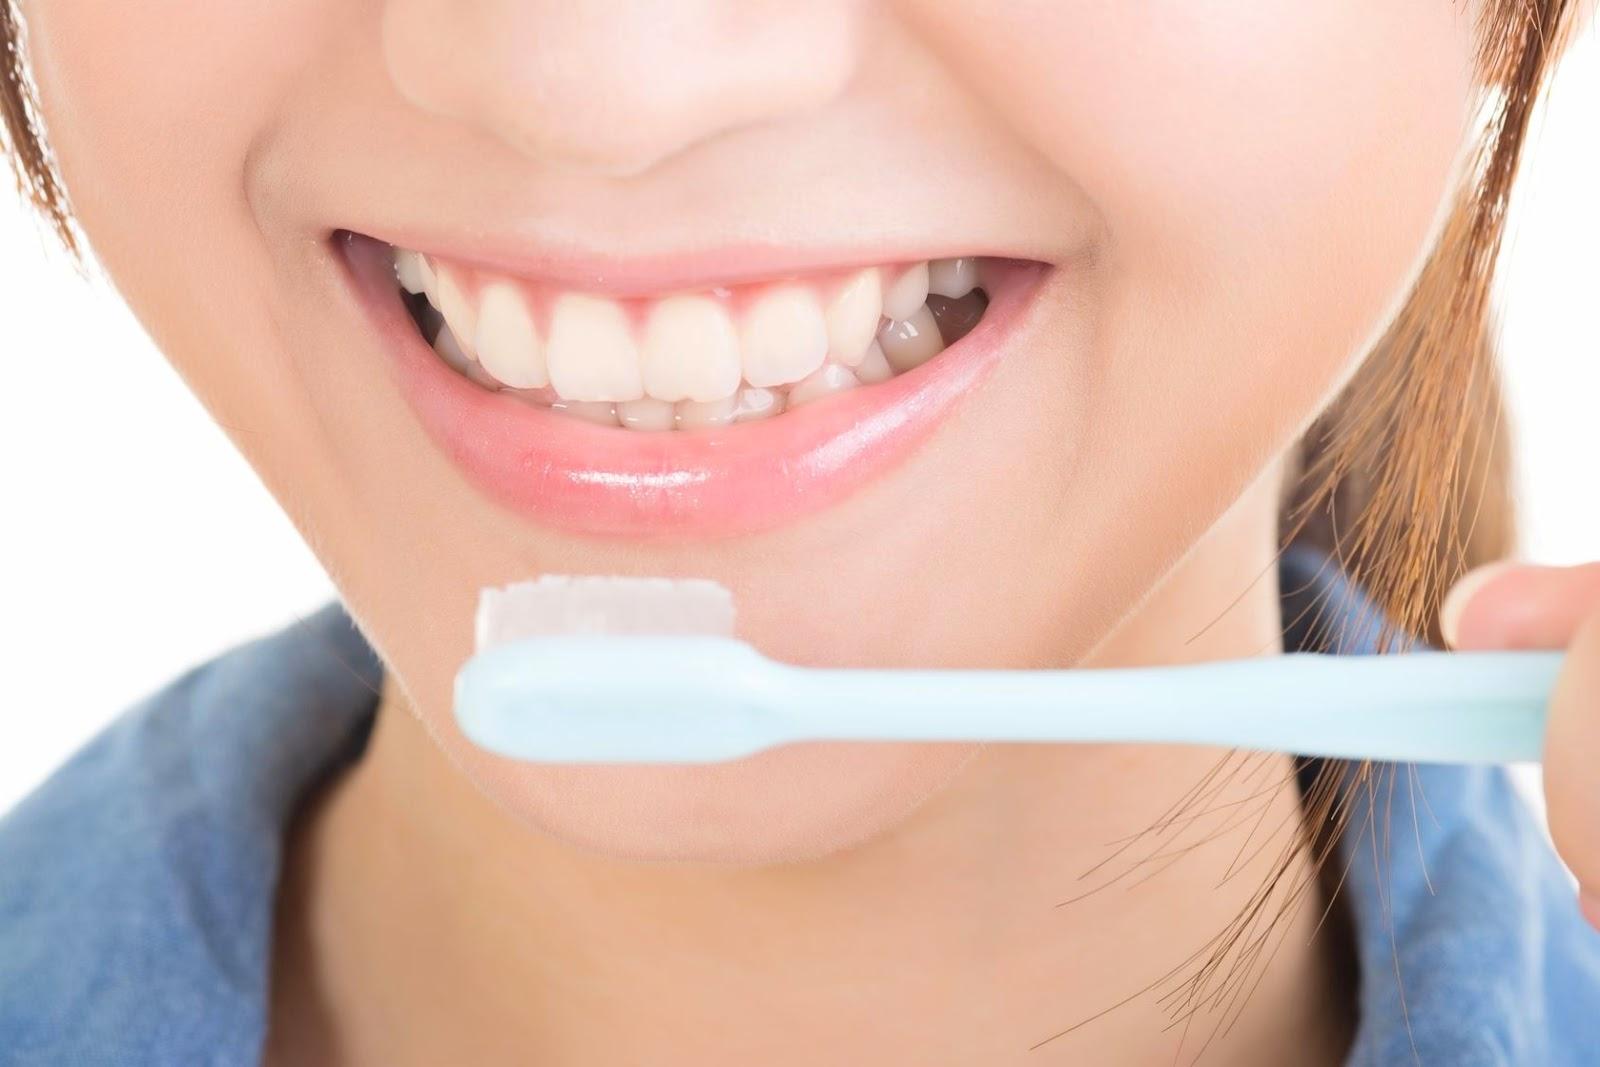 Kesalahan Yang Sering Dilakukan Saat Menyikat Gigi Inilah 10 Kesalahan Yang Sering Dilakukan Saat Menyikat Gigi